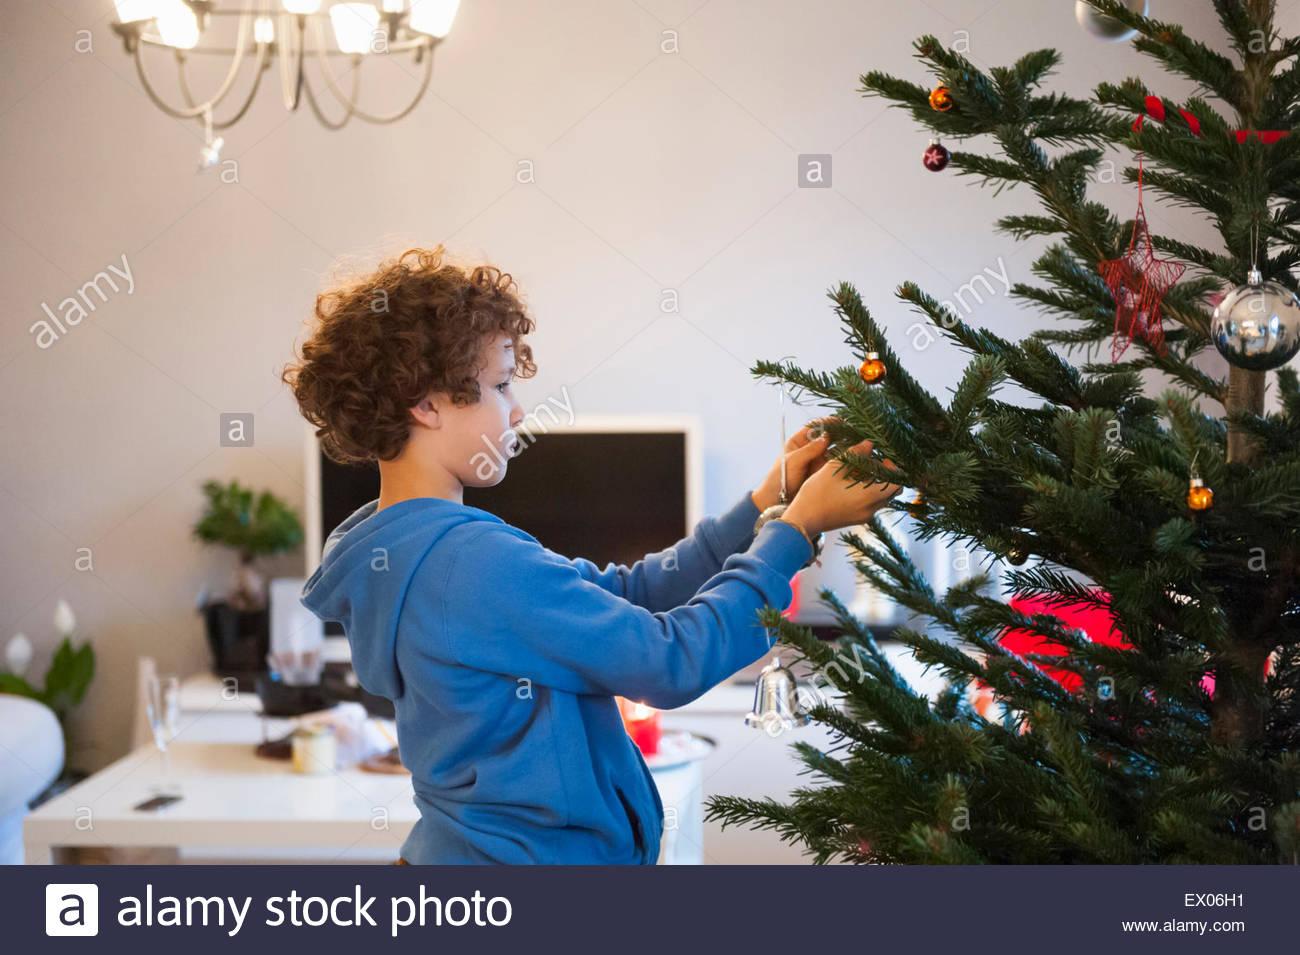 Junge hängende Dekoration am Weihnachtsbaum Stockbild